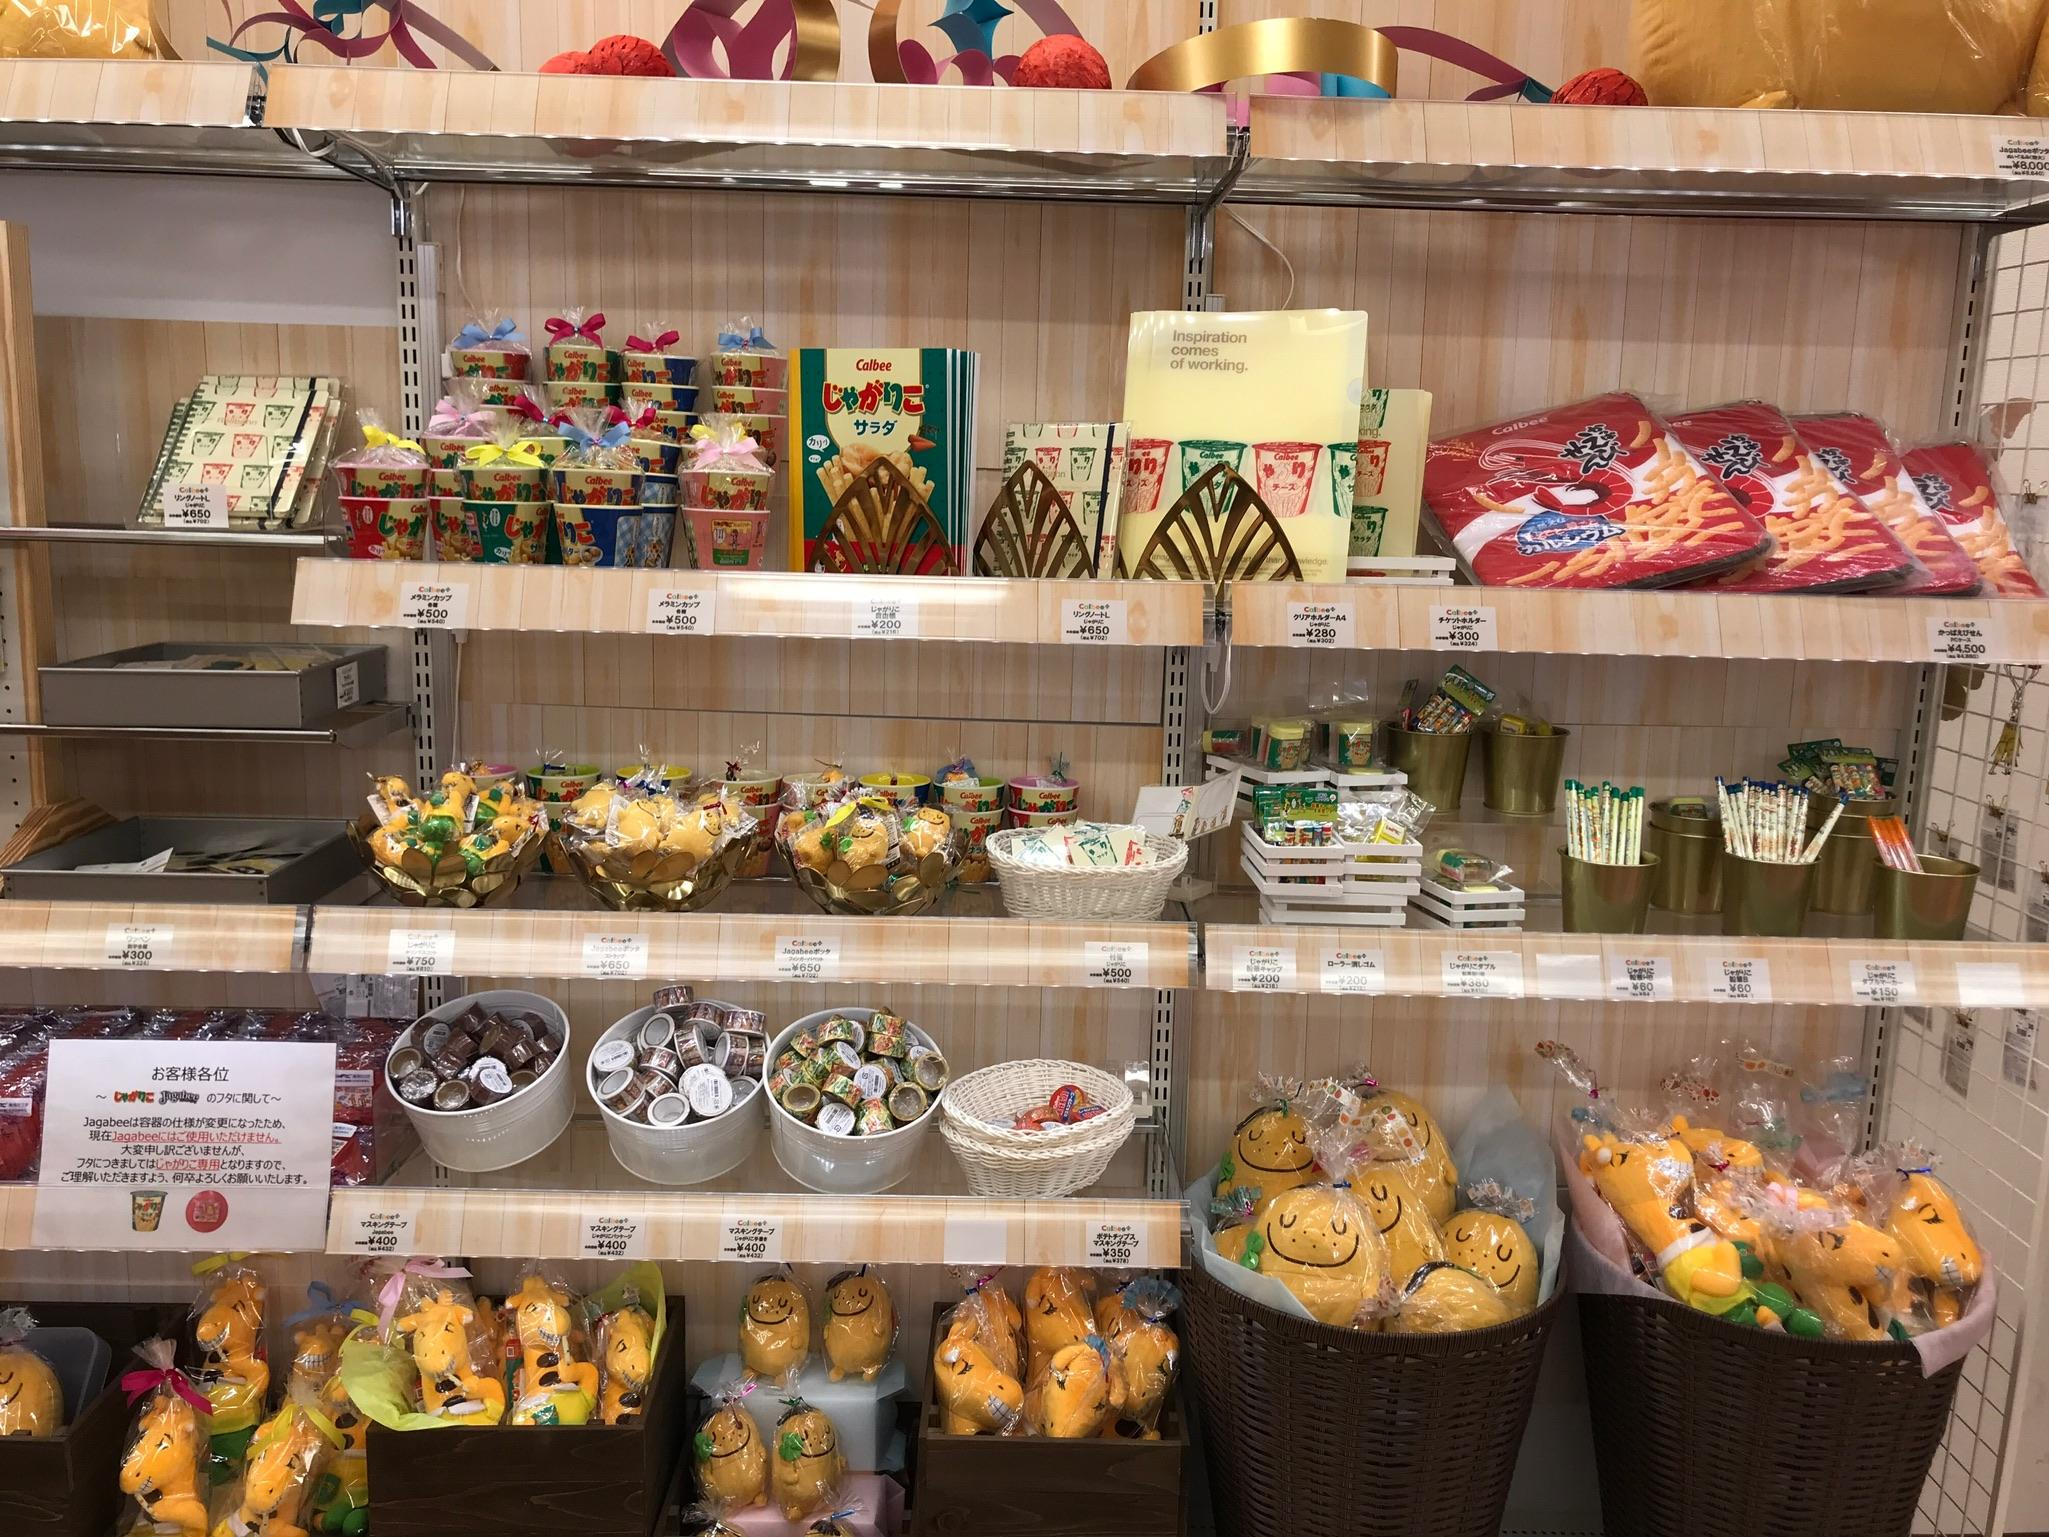 カルビープラス&キットカット専門店にある雑貨コーナー